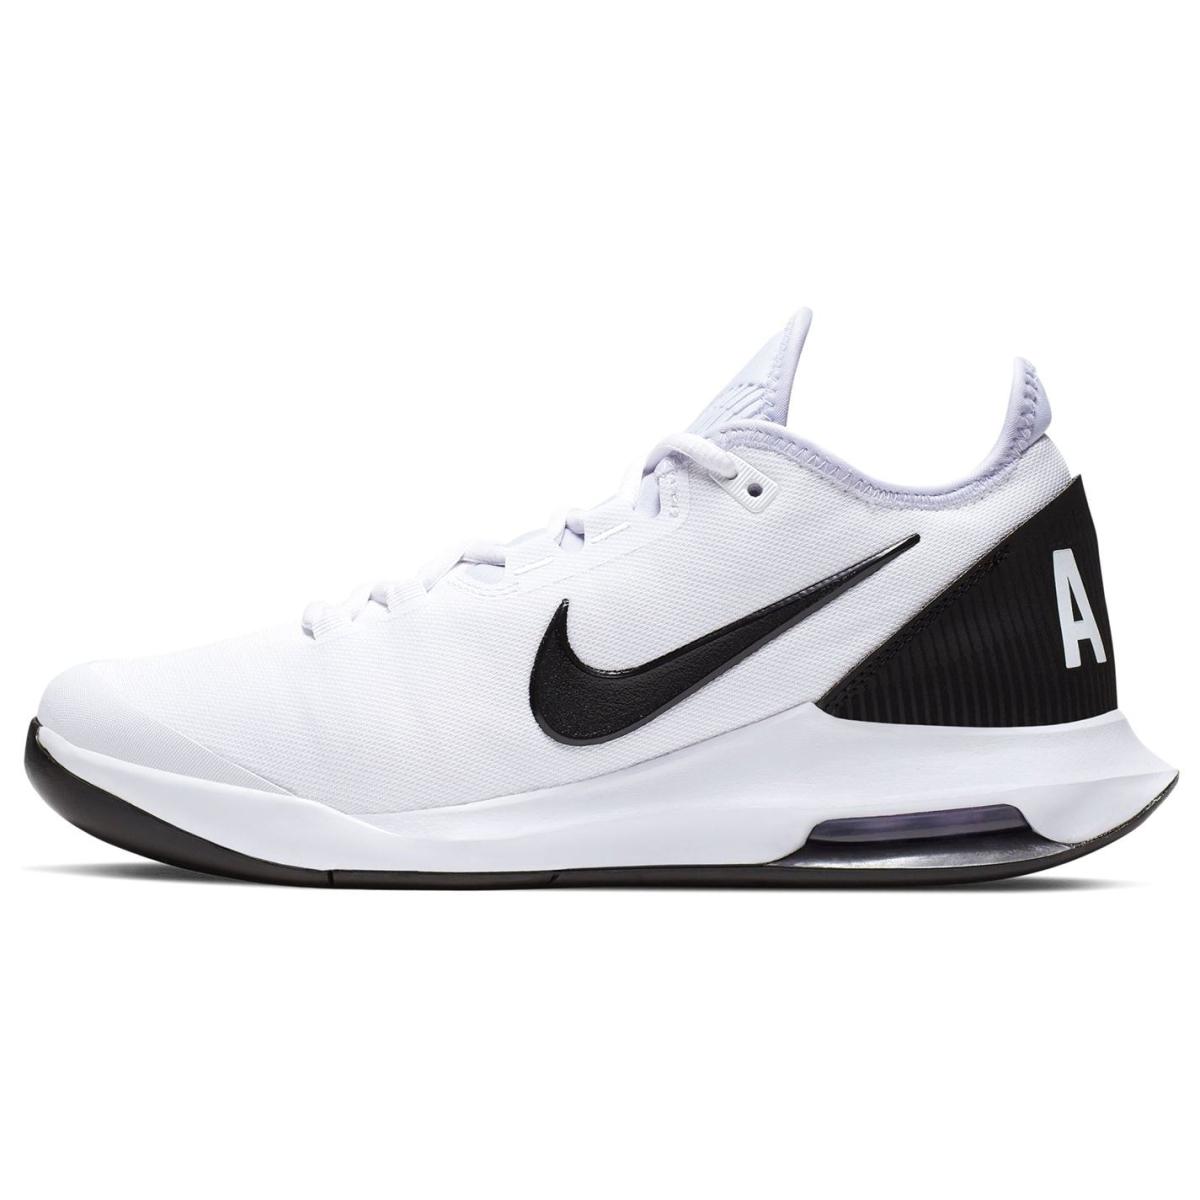 Nike Air Max Wildcard Turnschuhe Damen Sneaker Sportschuhe Laufschuhe 6021